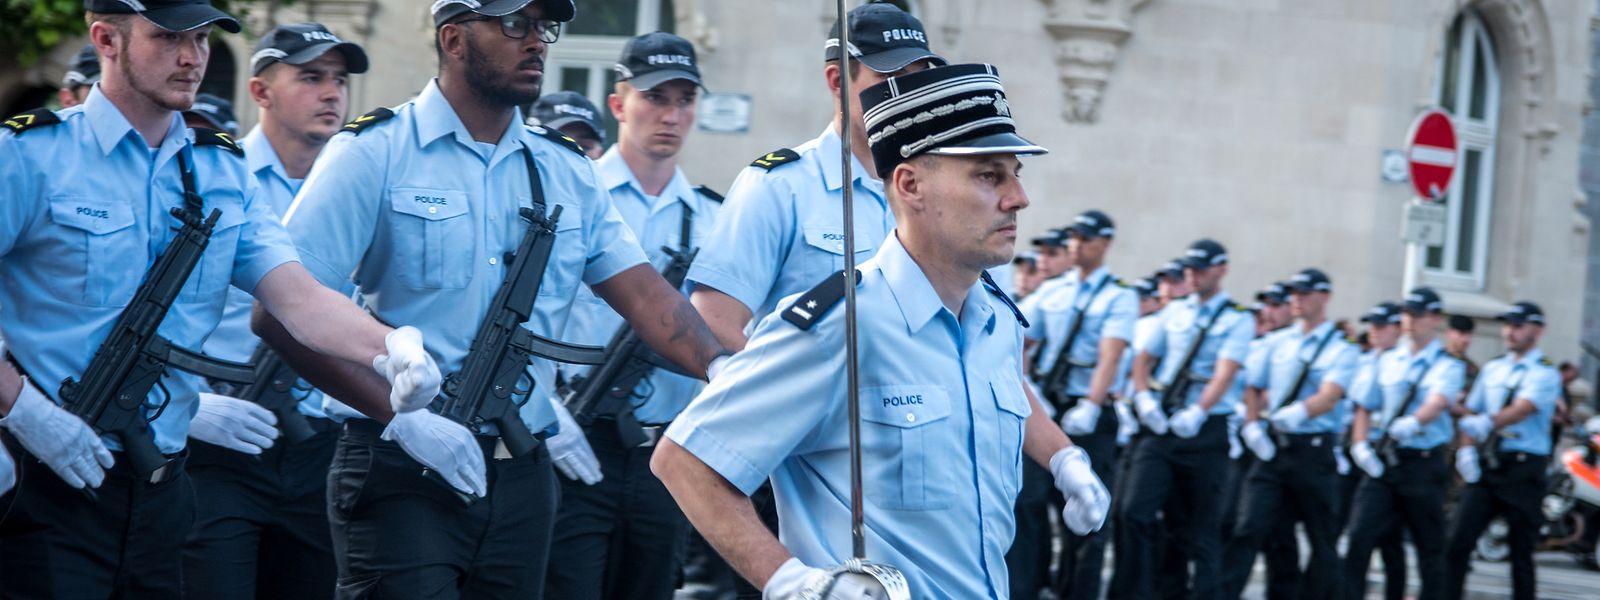 Viele Ziele der Polizeireform, wie mehr Polizisten auf dem Terrain und Bürgernähe, können wegen Personalmangel nicht umgesetzt werden.